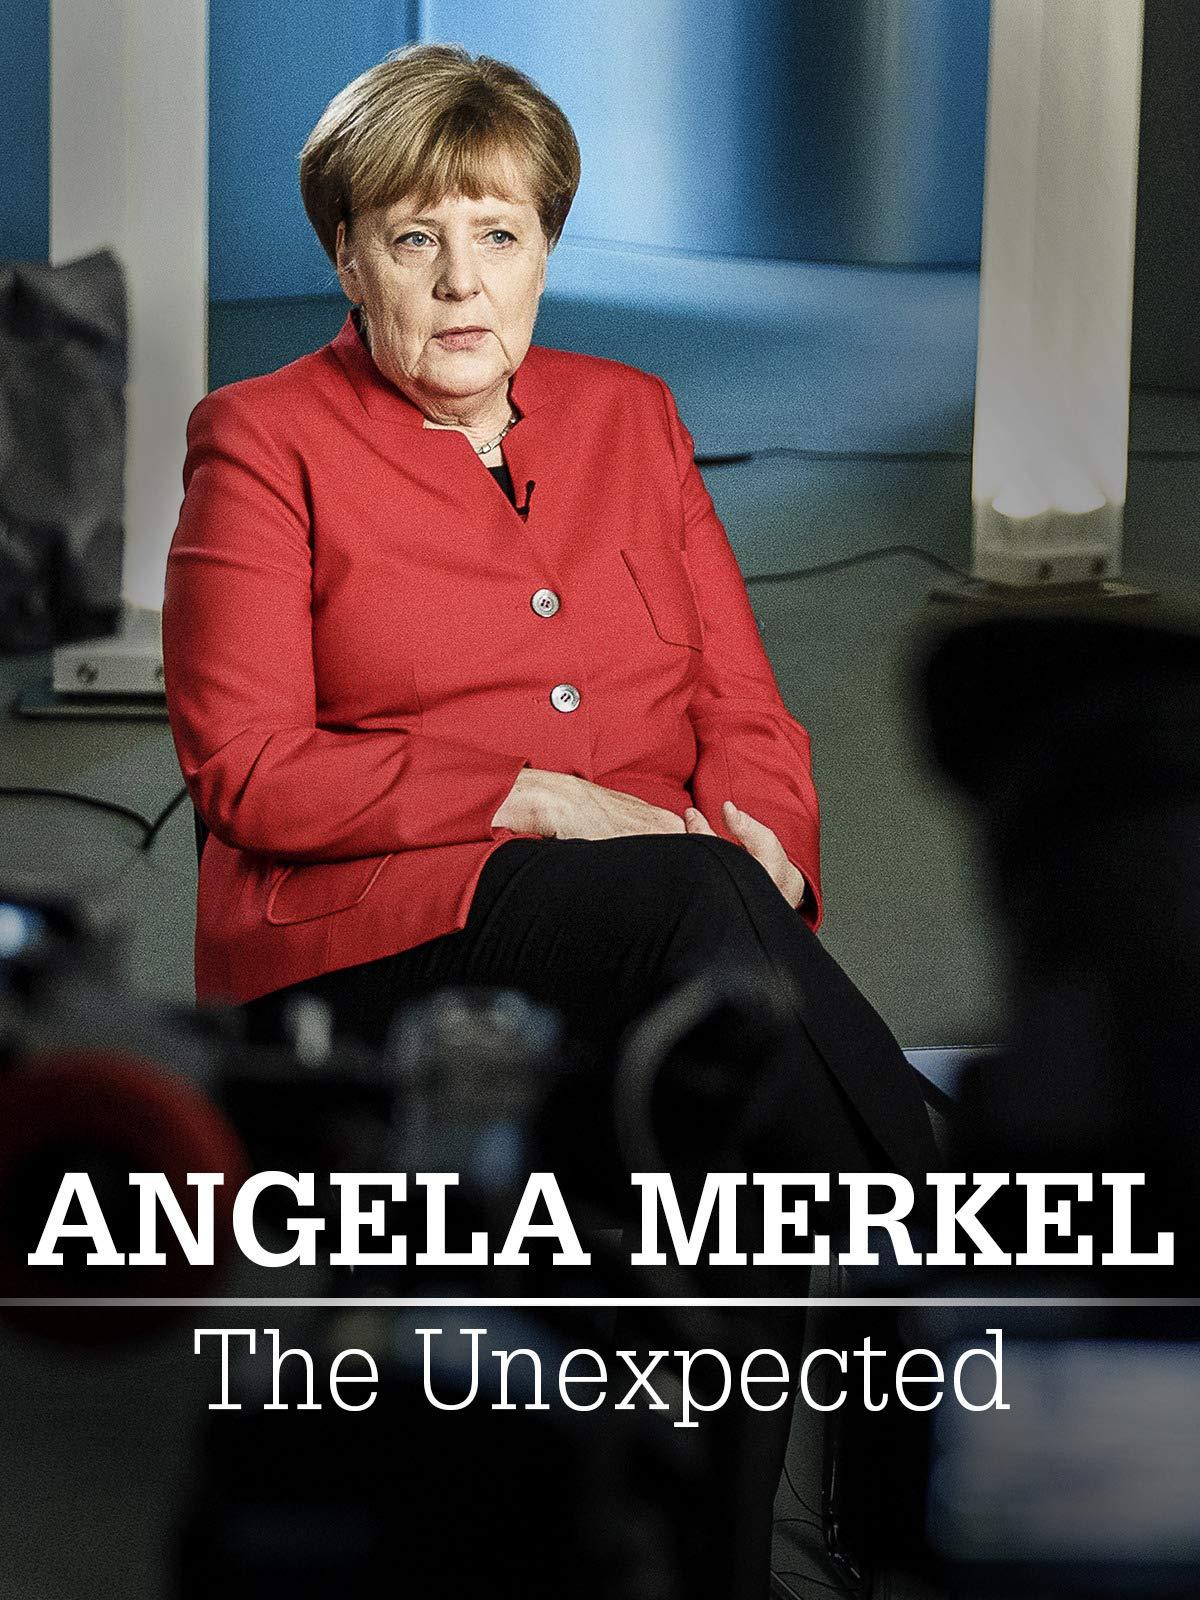 Angela Merkel - The Unexpected